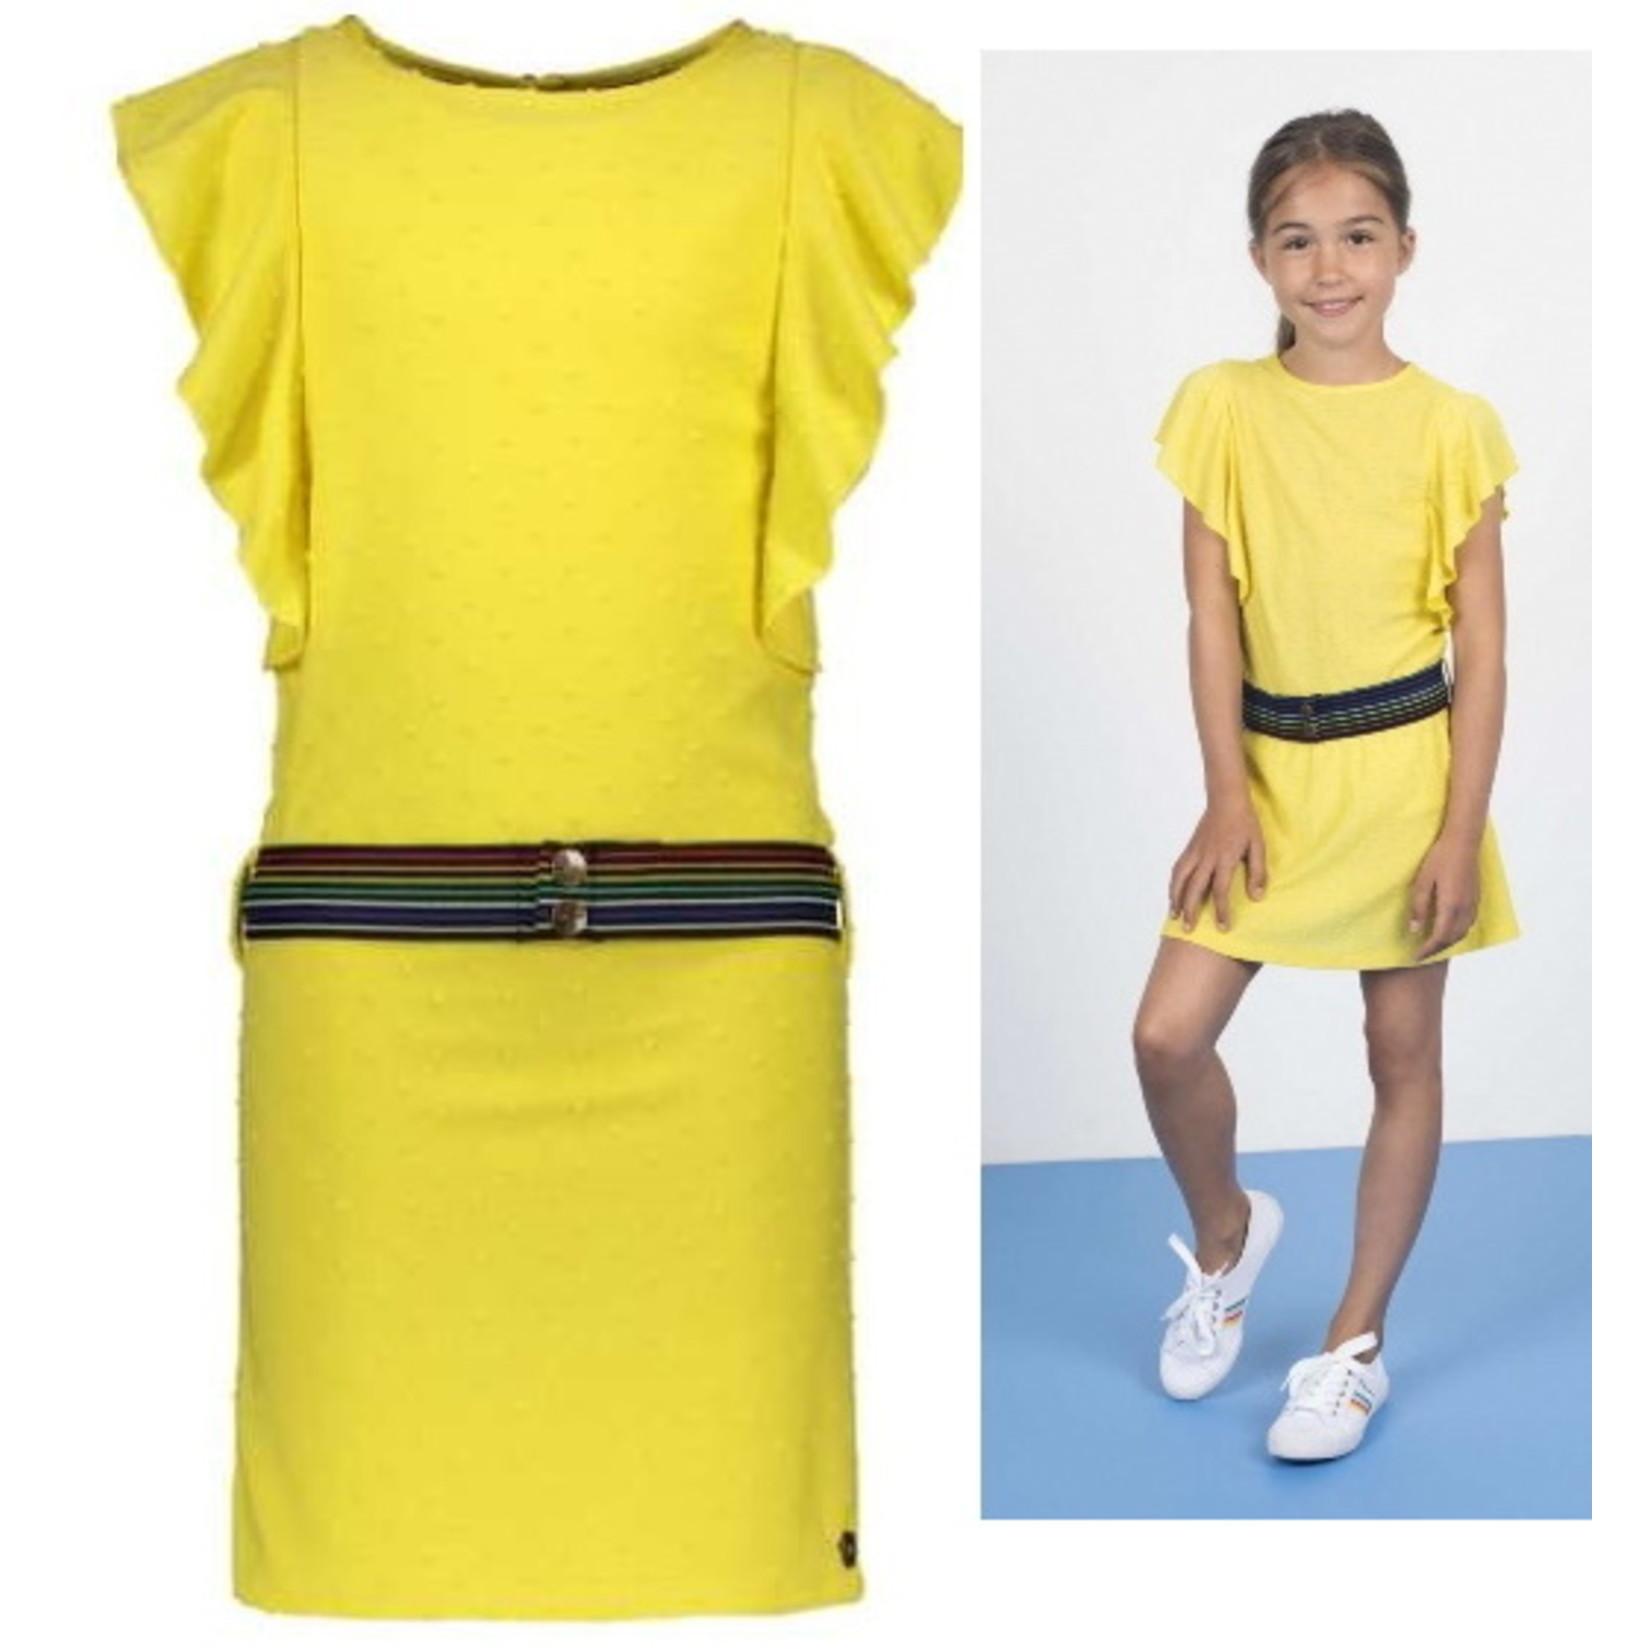 Like Flo jurk maat 110